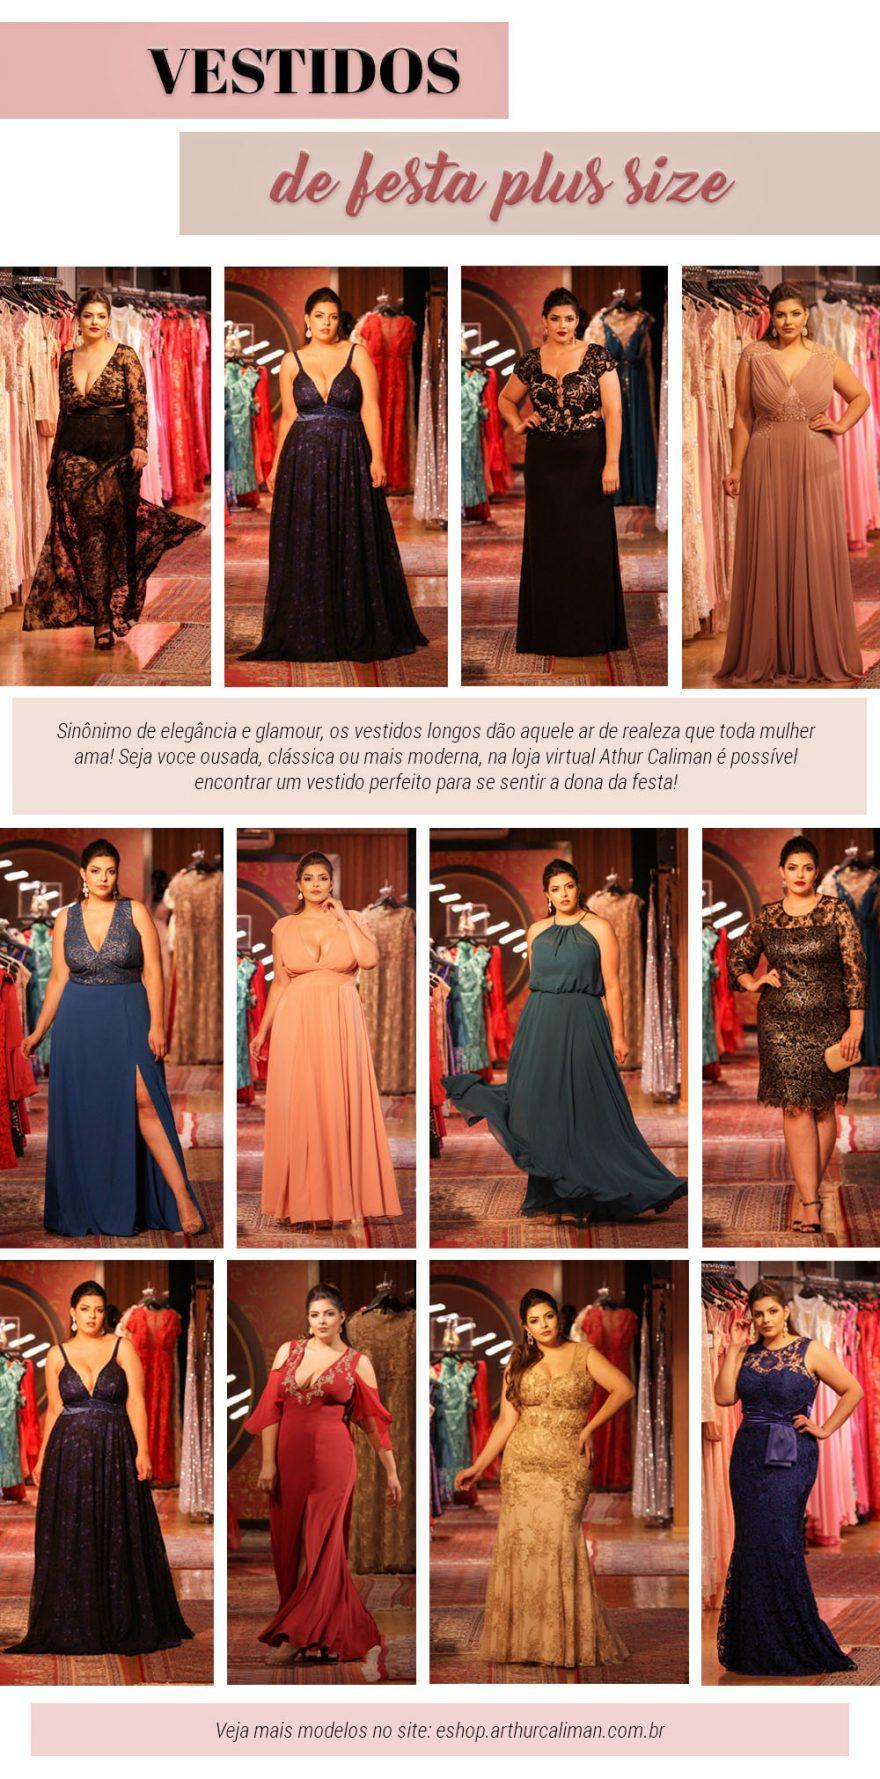 Vestido de festa plus size: veja diversas opções modernas, dos mais variados estilos, para arrasar na temporada de formaturas!